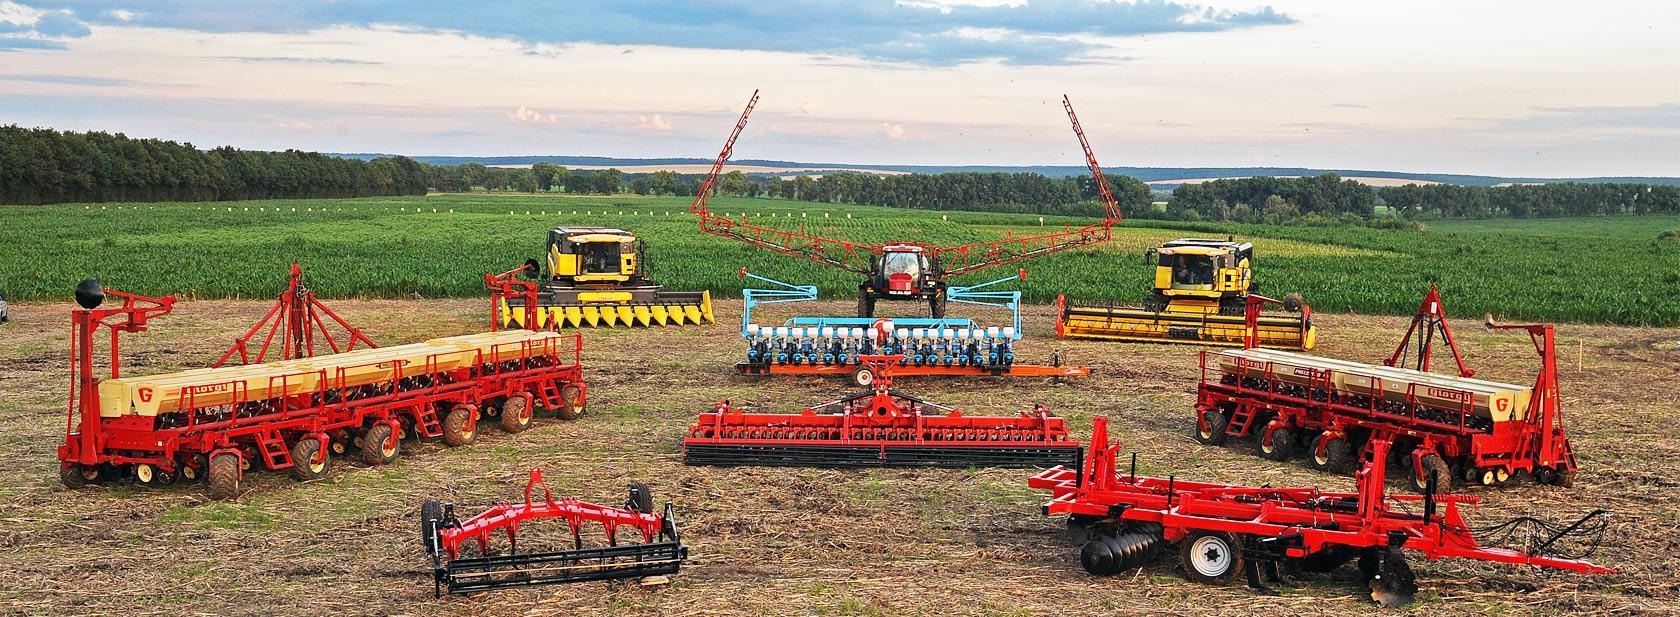 Ремонт сельскохозяйственного оборудования